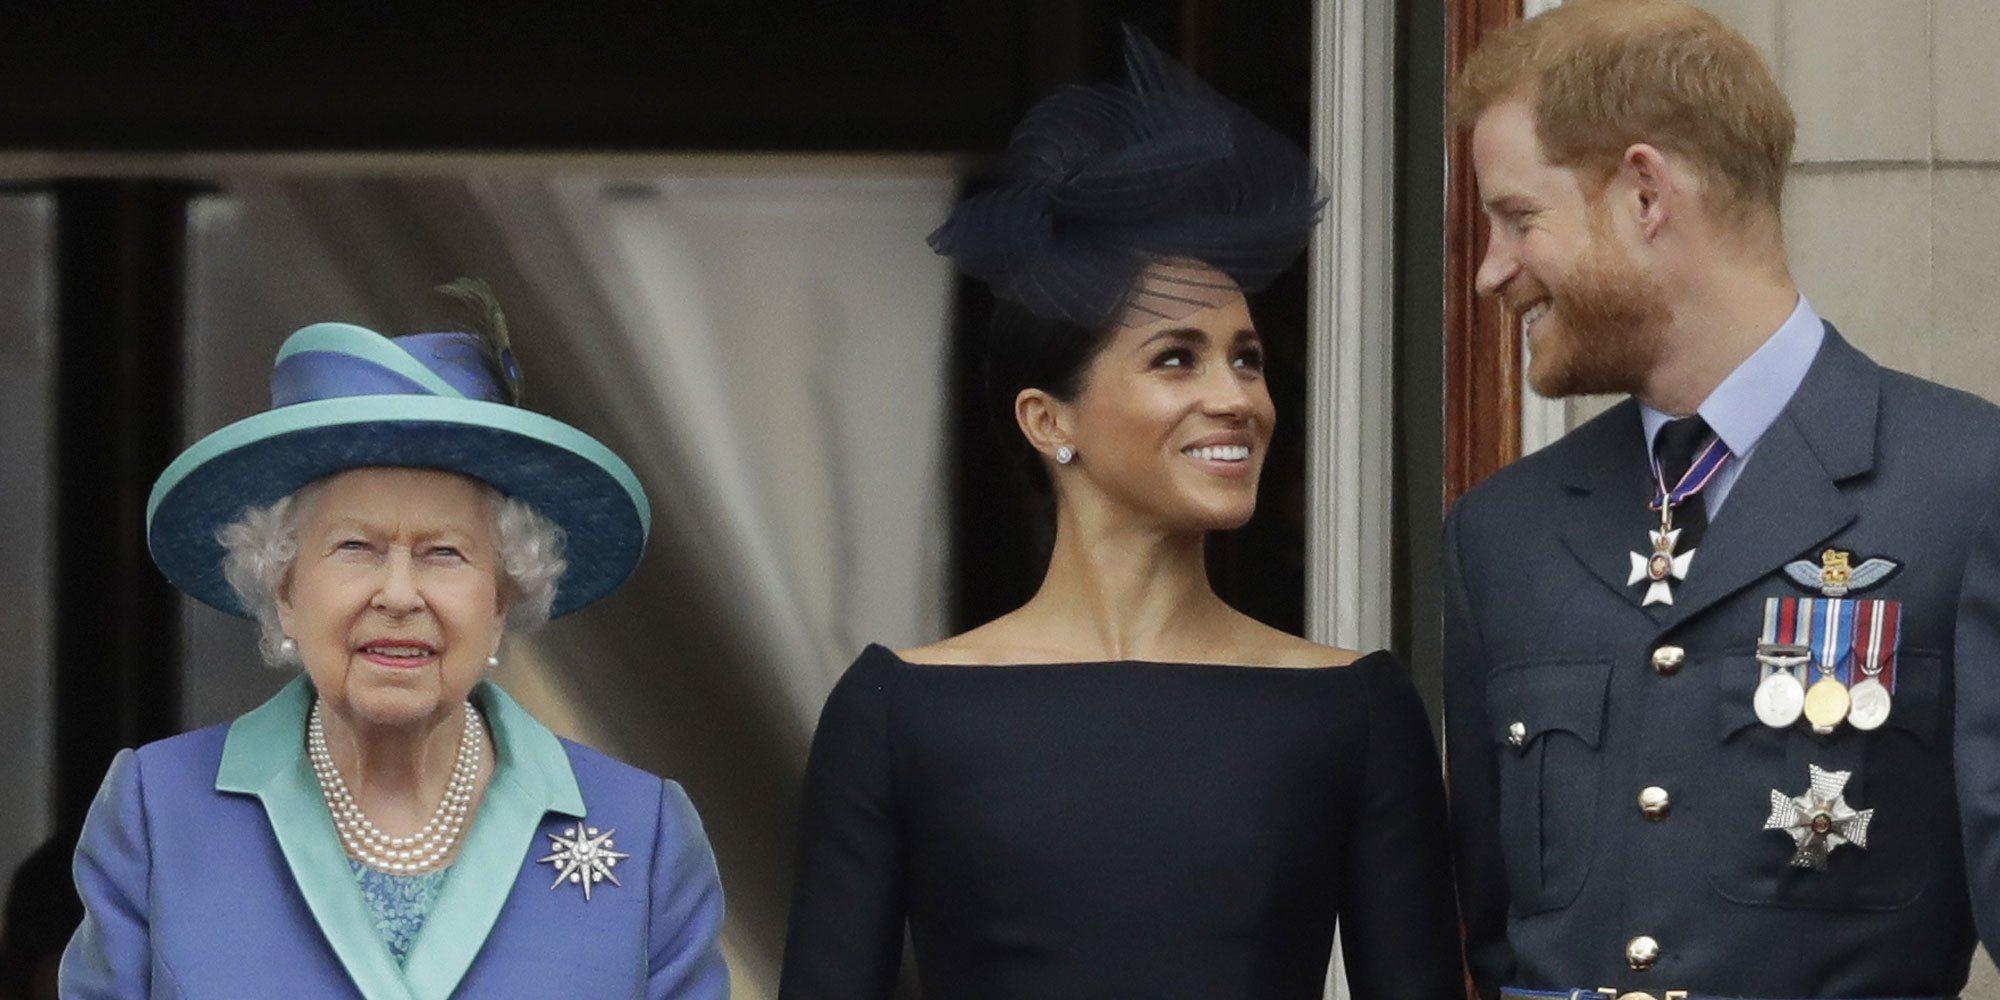 La reaparición del Príncipe Harry y Meghan Markle tras el Sussexit definitivo y la 'venganza' de la Reina Isabel